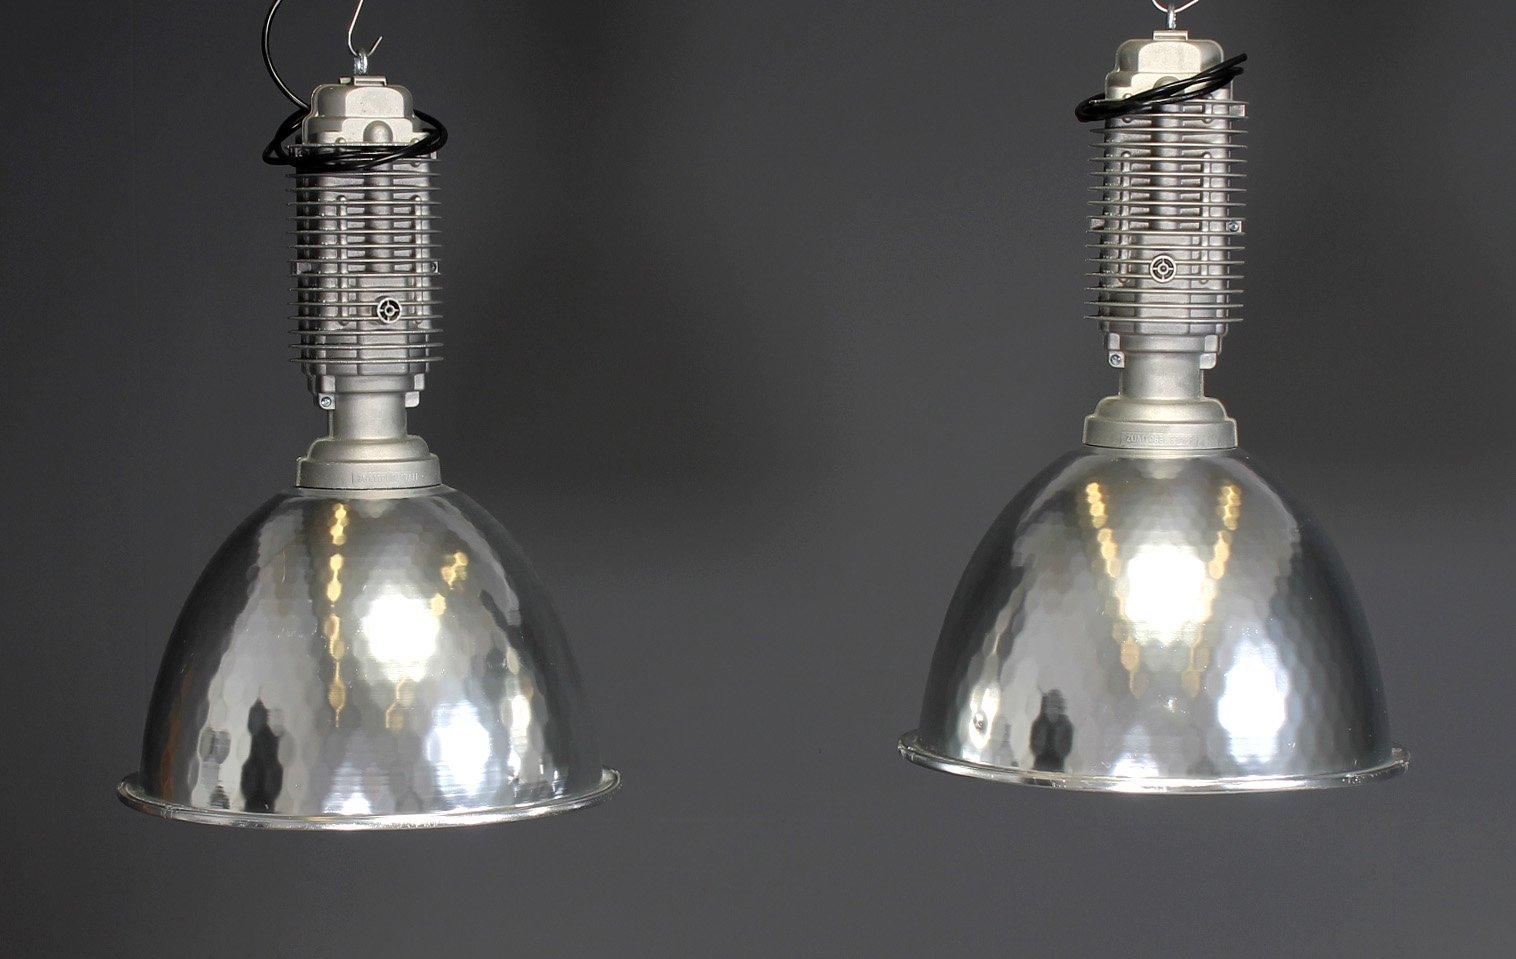 Large Vintage Industrial Ceiling L& 1980 & Large Vintage Industrial Ceiling Lamp 1980 for sale at Pamono azcodes.com